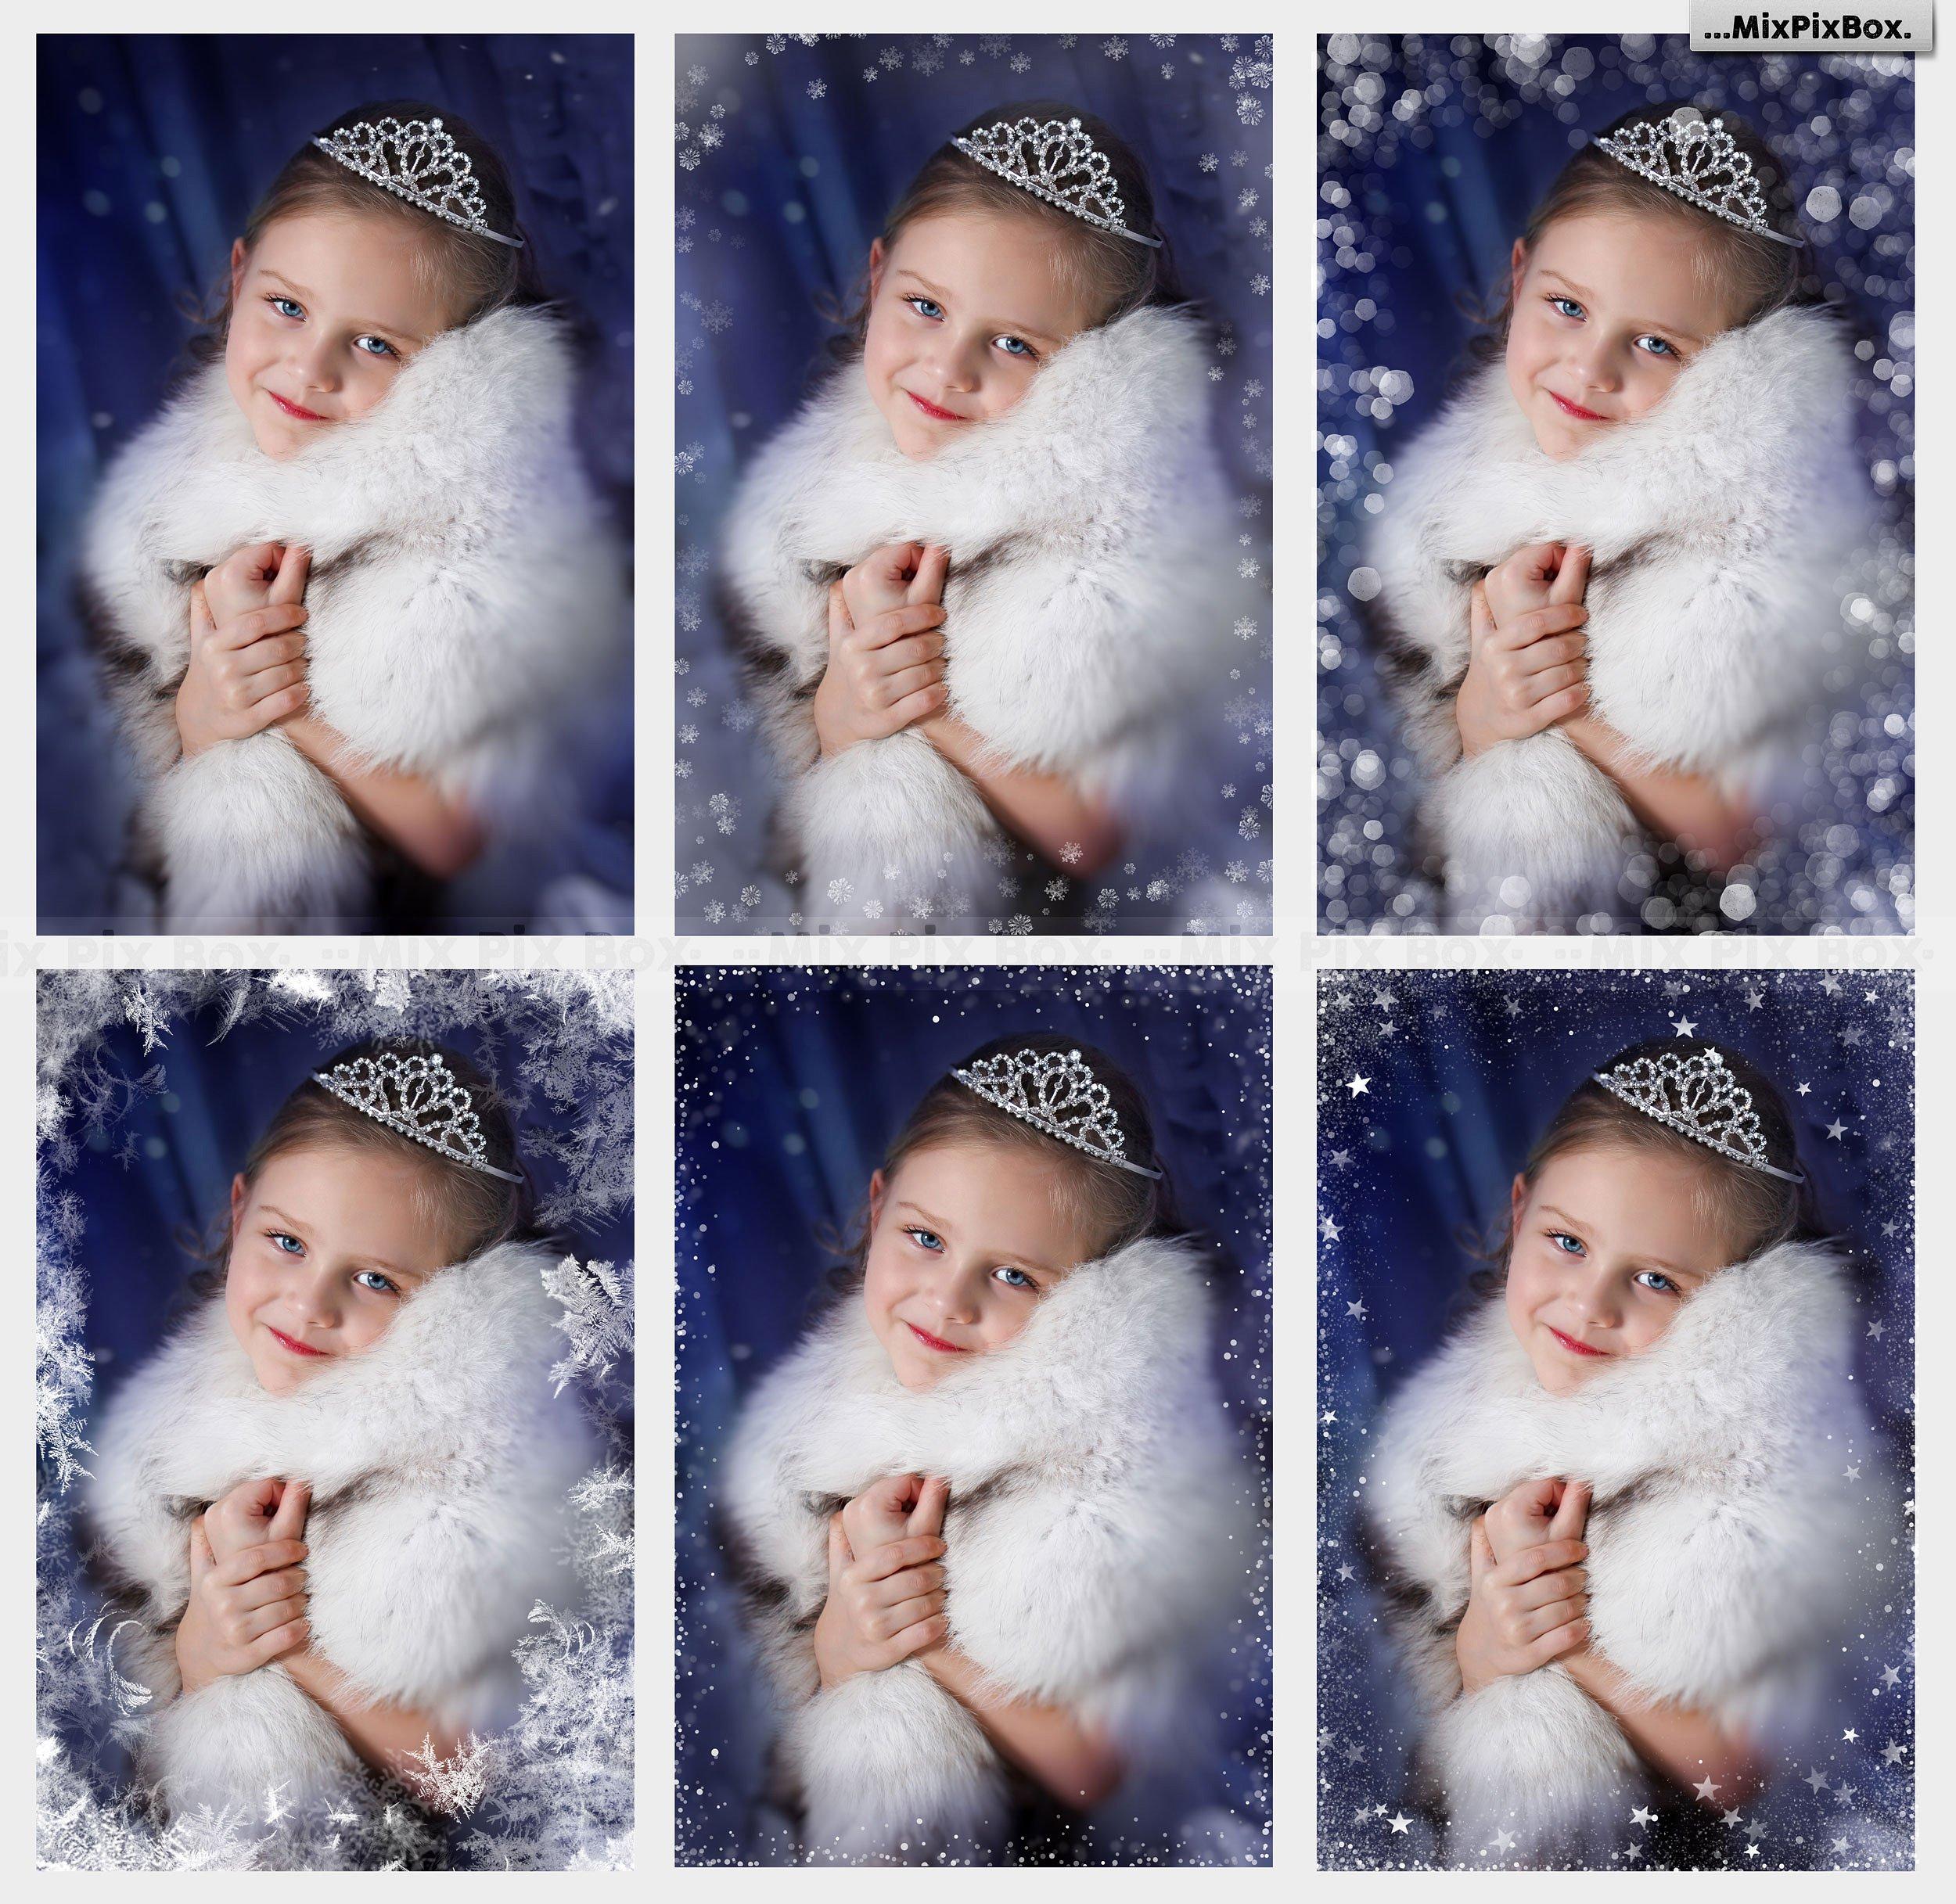 Snowflake & Christmas Overlays